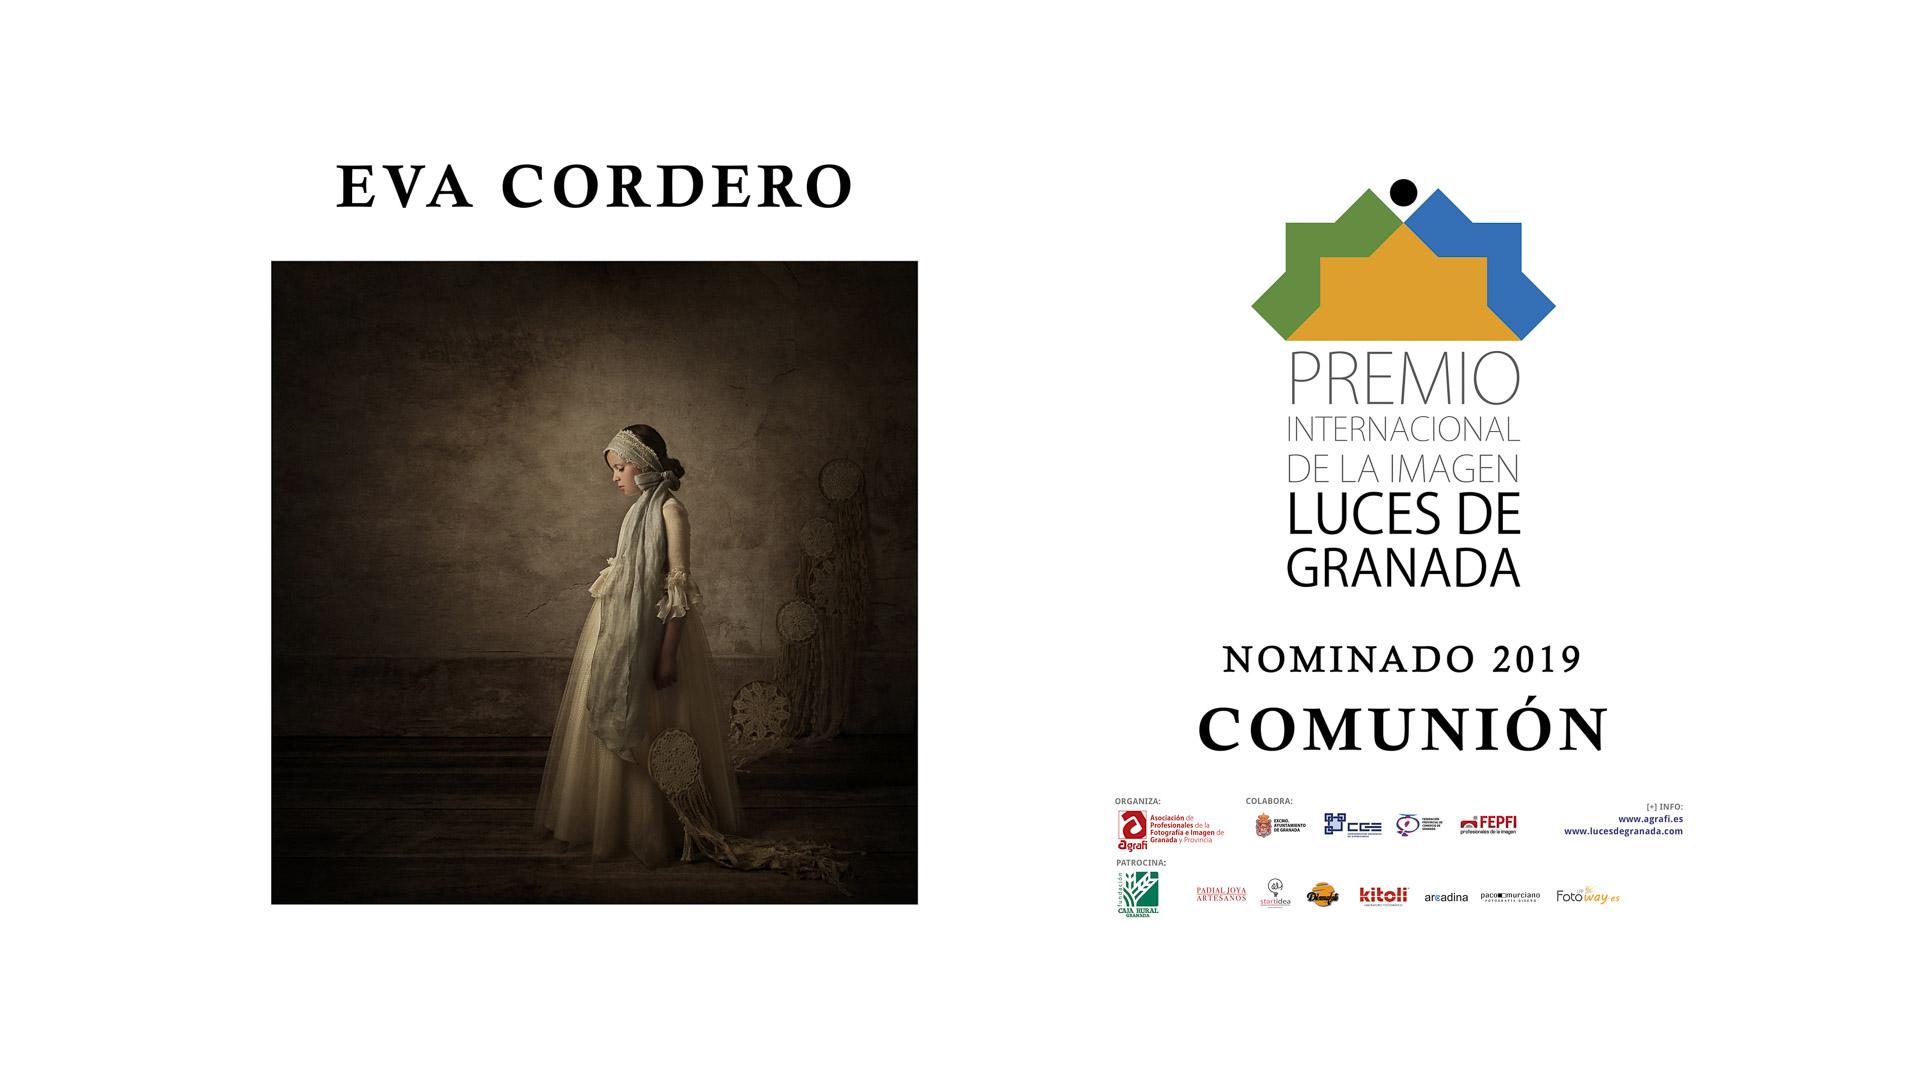 COM48_EVA CORDERO